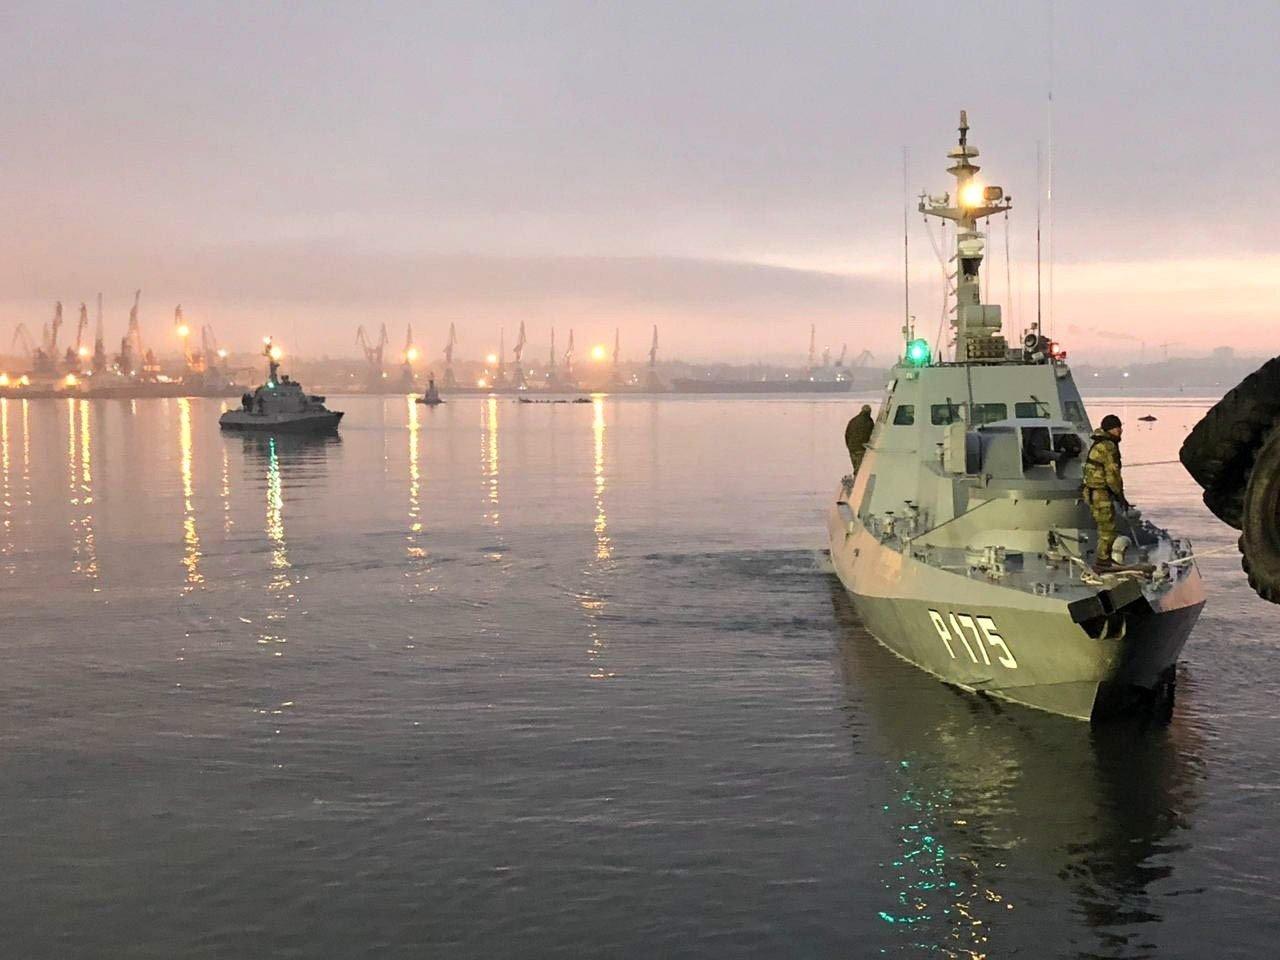 ЕС должен поддерживать Украину в связи с инцидентом в Керченском проливе - Могерини